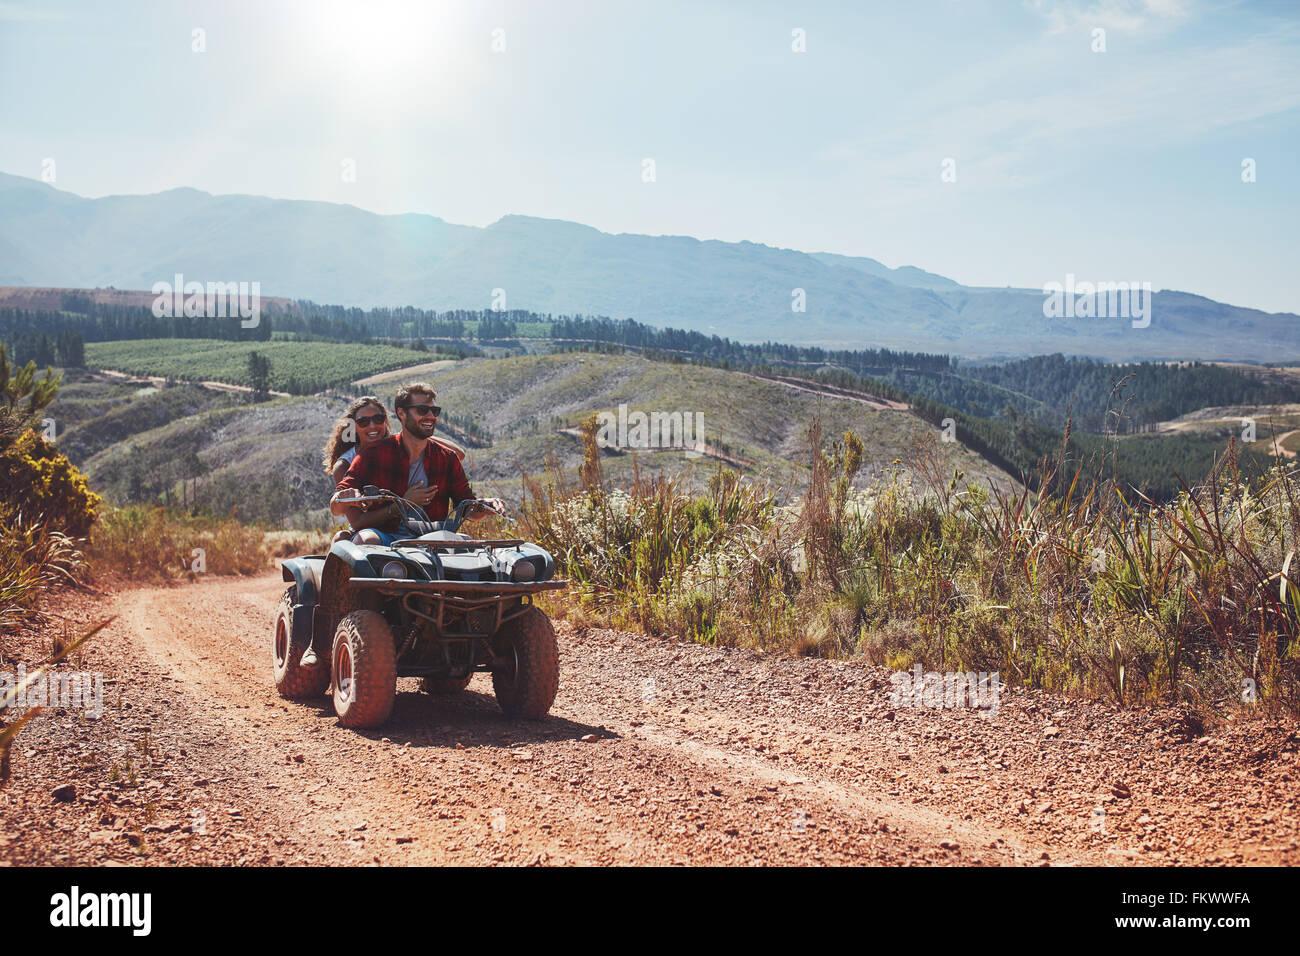 Junger Mann und Frau Spaß während der Fahrt ein Quad-Bike. Junges Paar genießen Geländewagen Stockbild